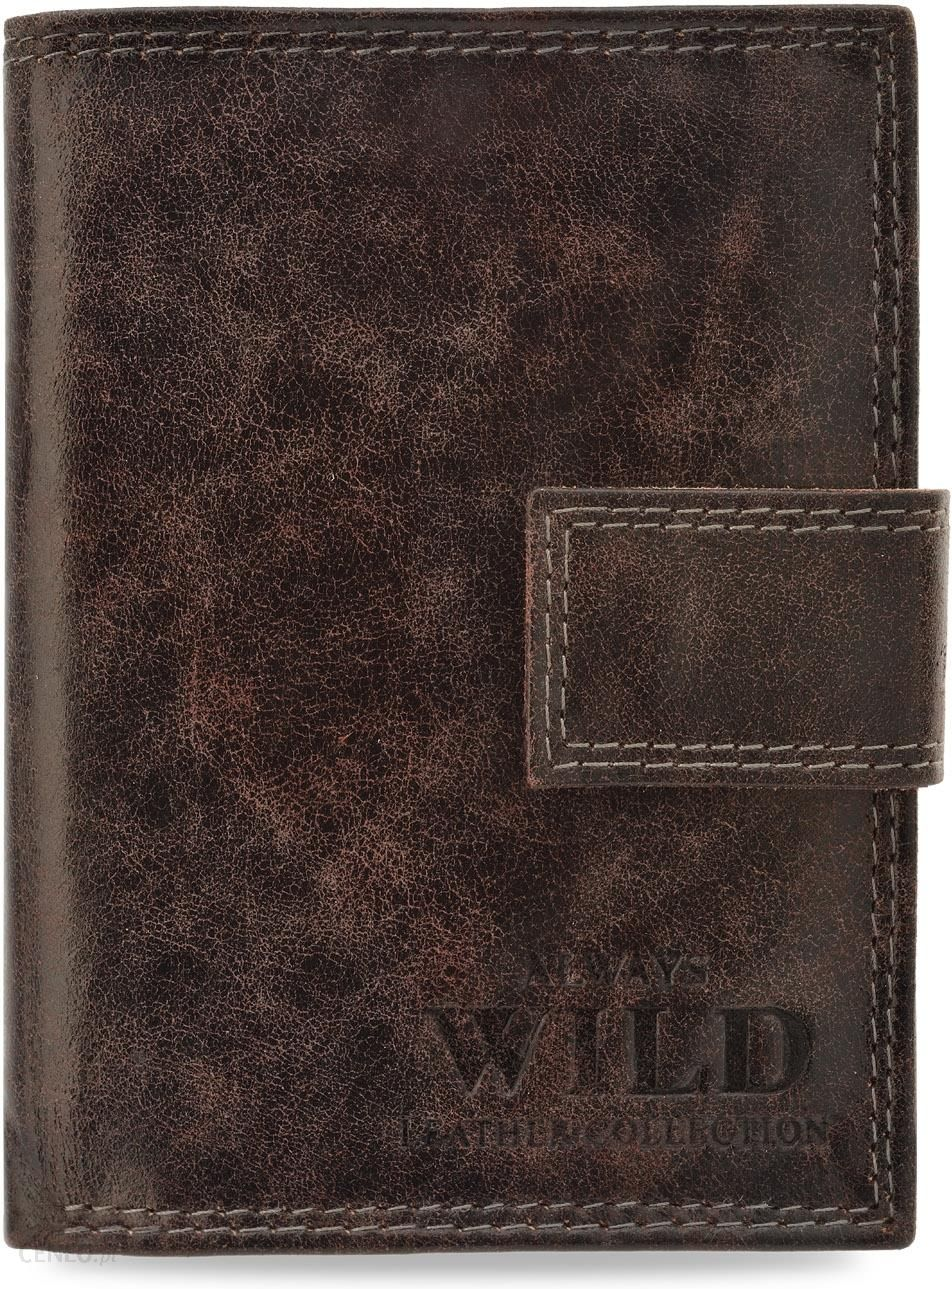 1088aa84e90d1 Skórzany portfel męski always wild z zapinką pionowy – brązowy - zdjęcie 1